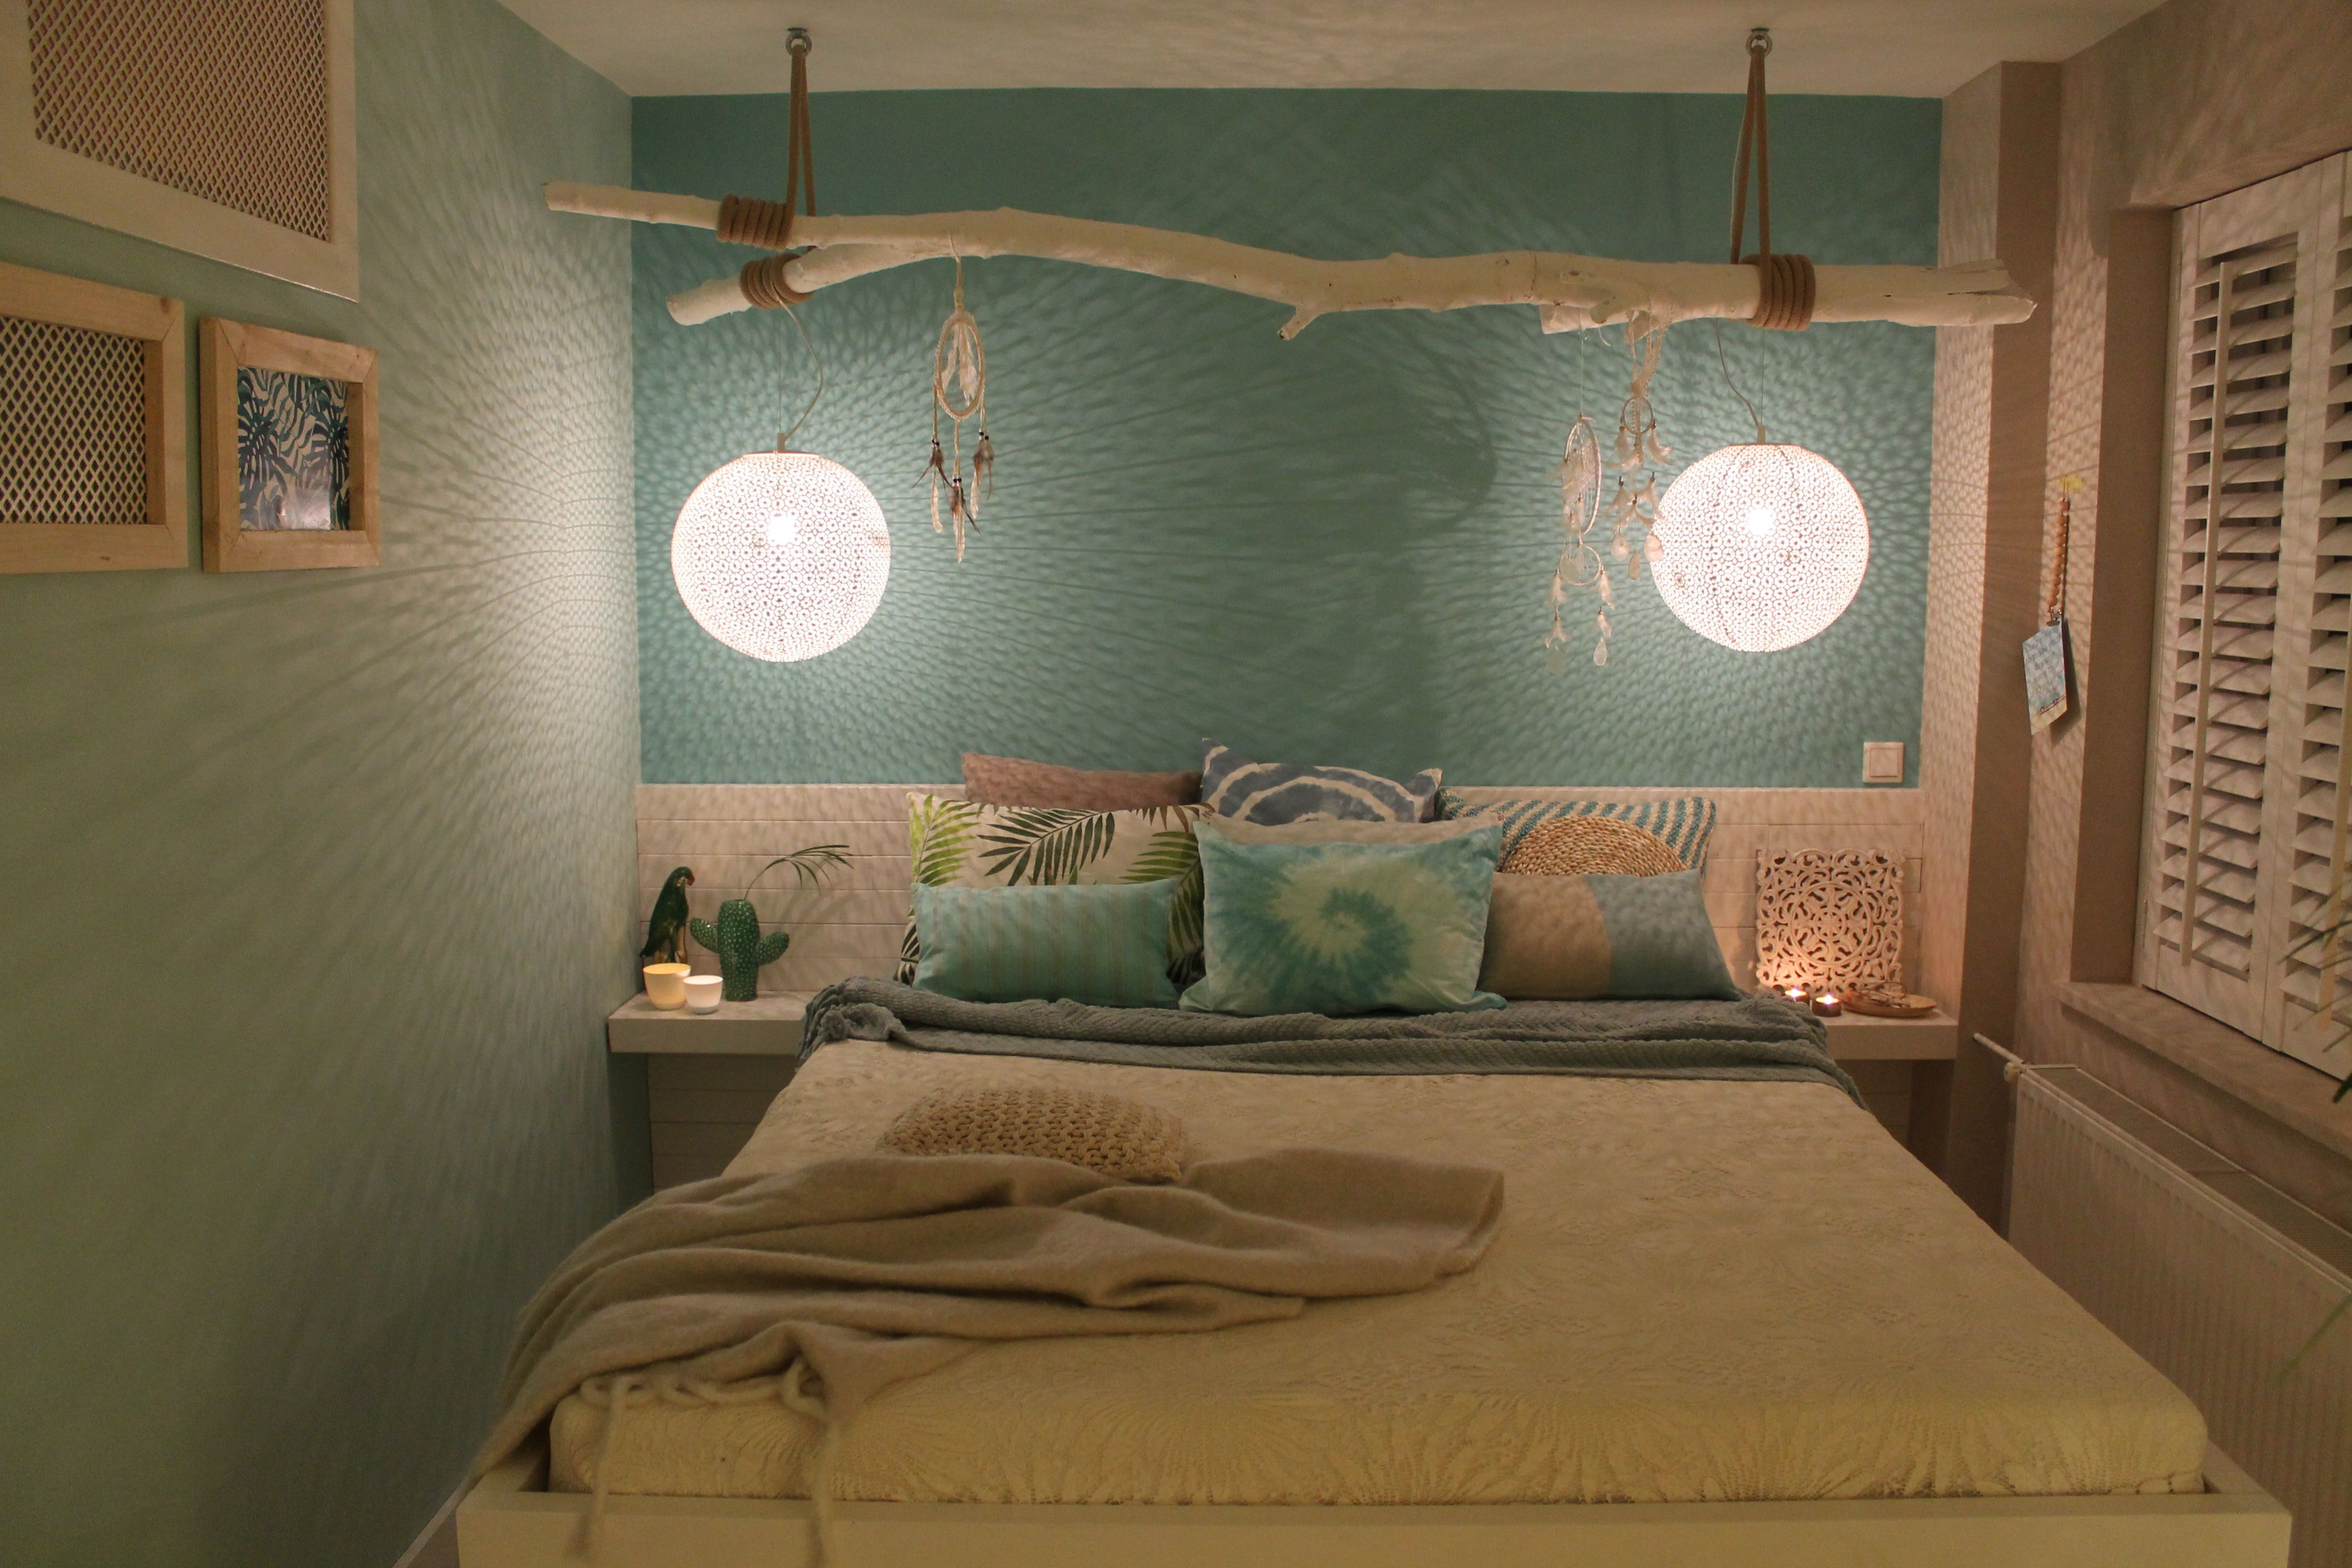 eigen huis en tuin praxis maak je eigen lamp voor in de slaapkamer boven je bed